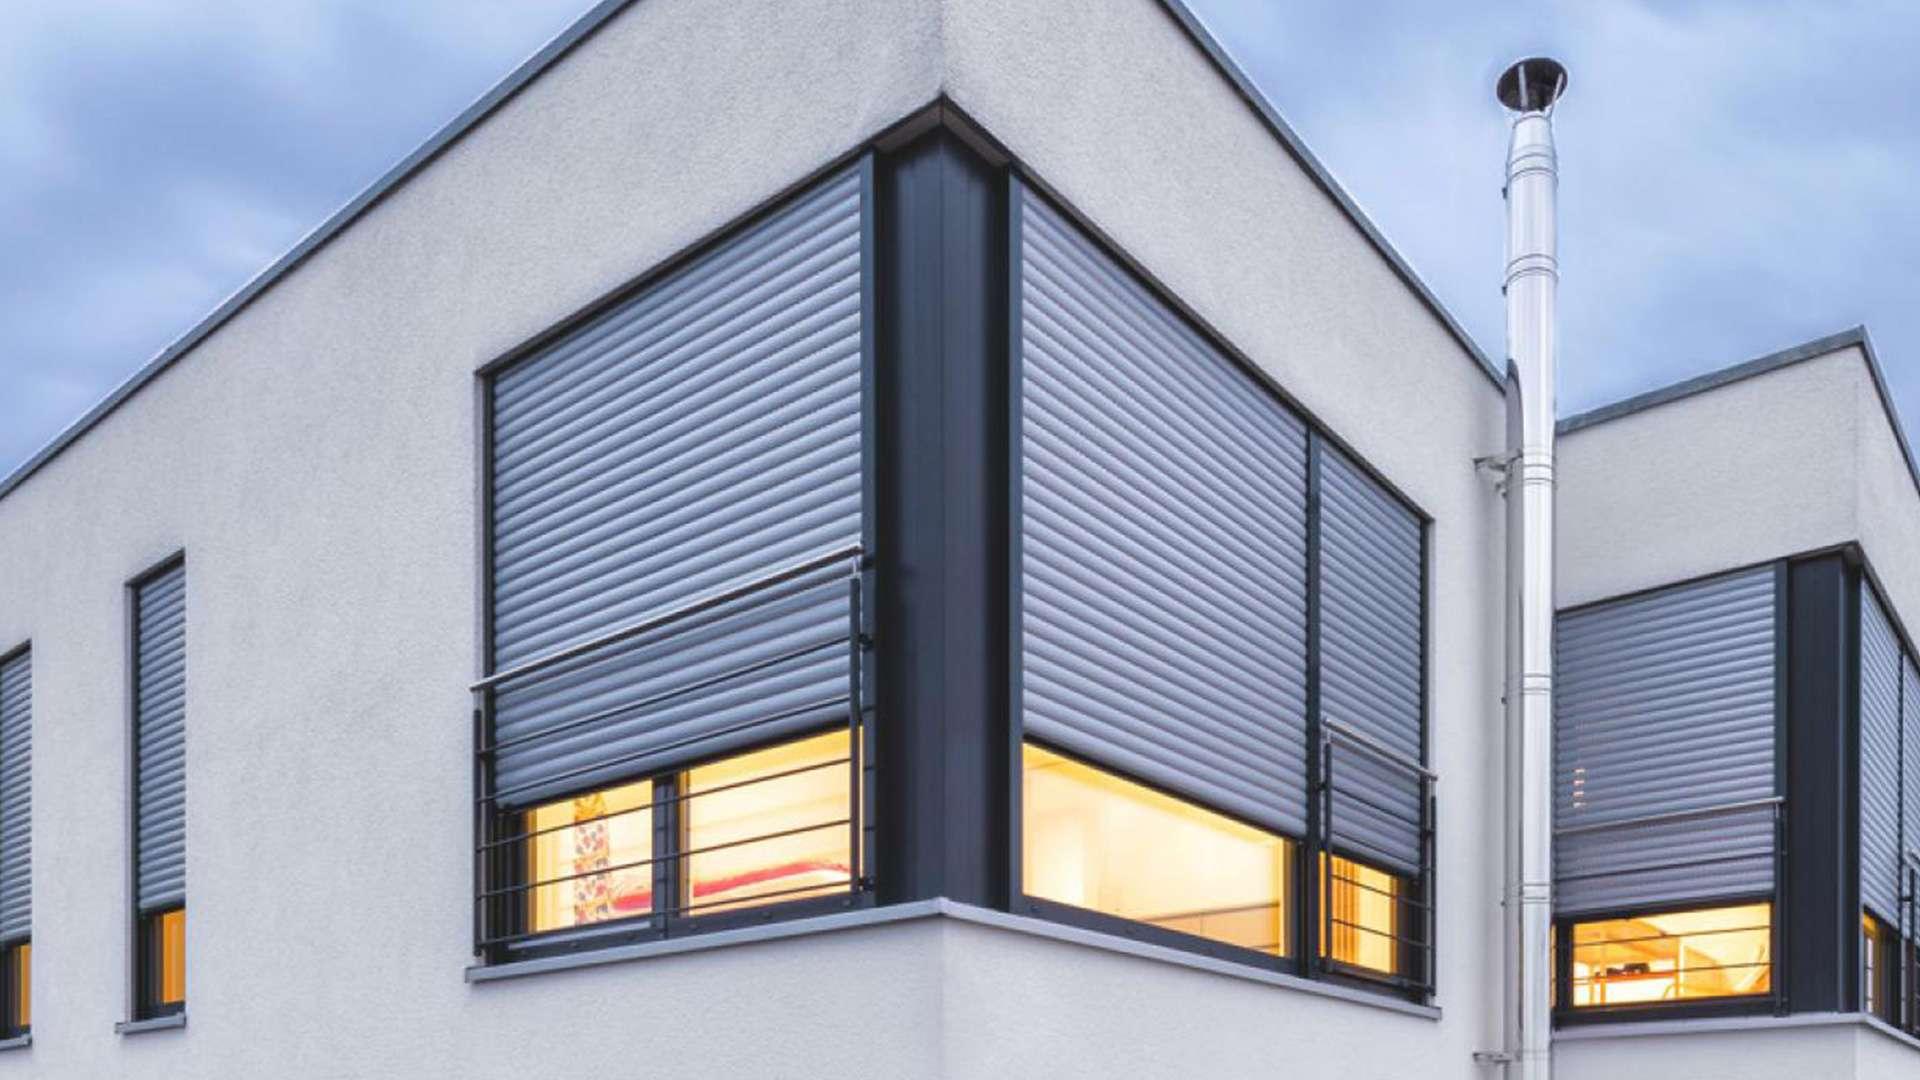 Hausecke mit zwei Rollladen vor den Fenstern